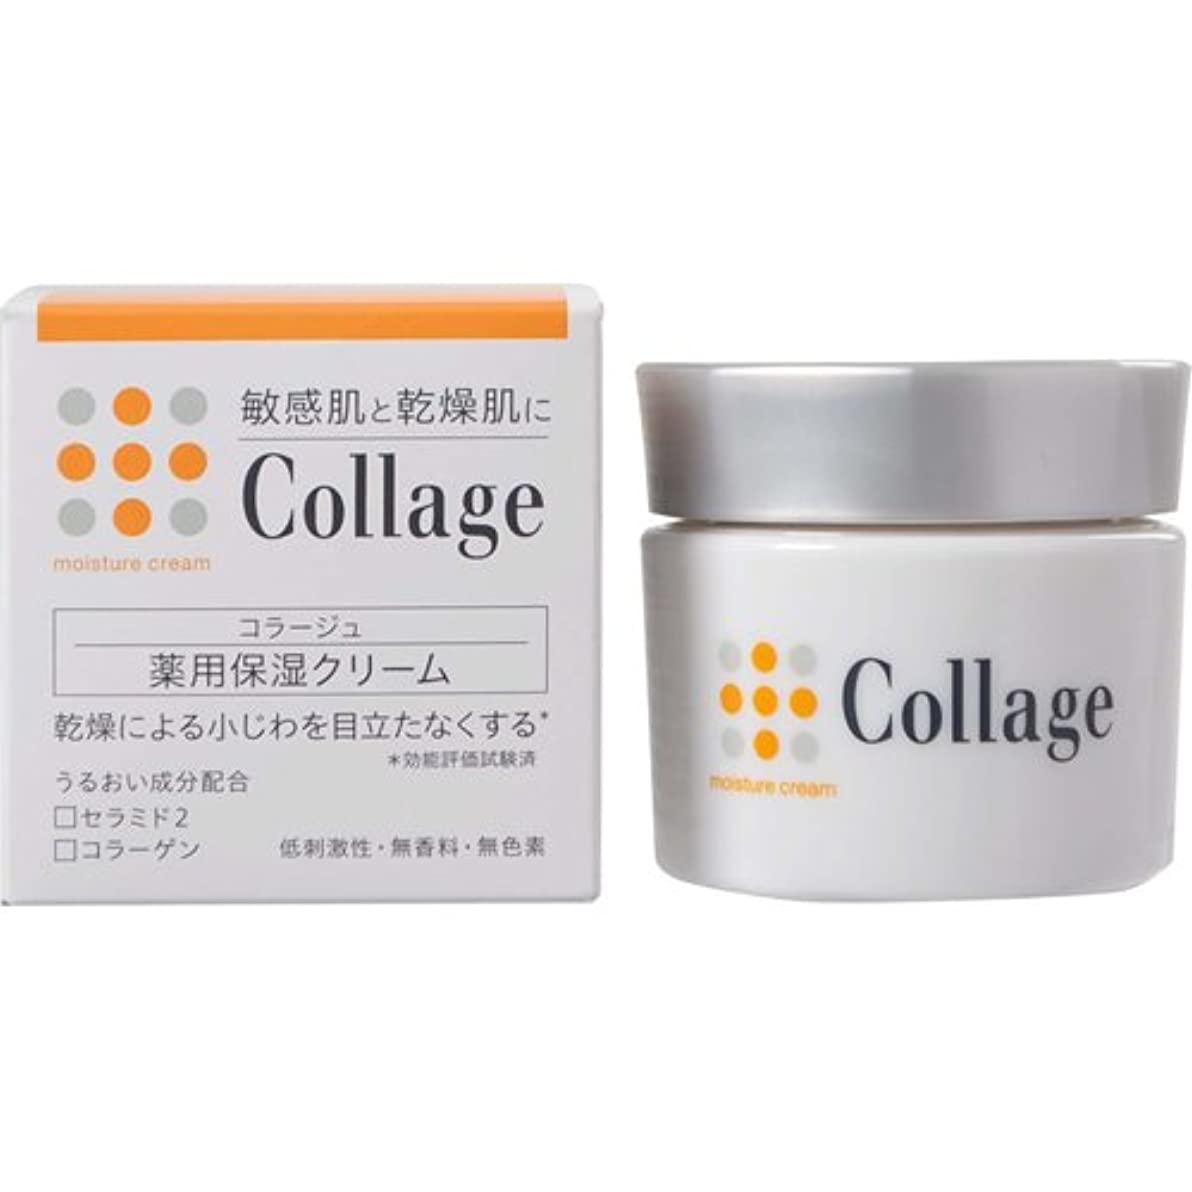 タブレット正確に氏コラージュ 薬用保湿クリーム 30g 【医薬部外品】